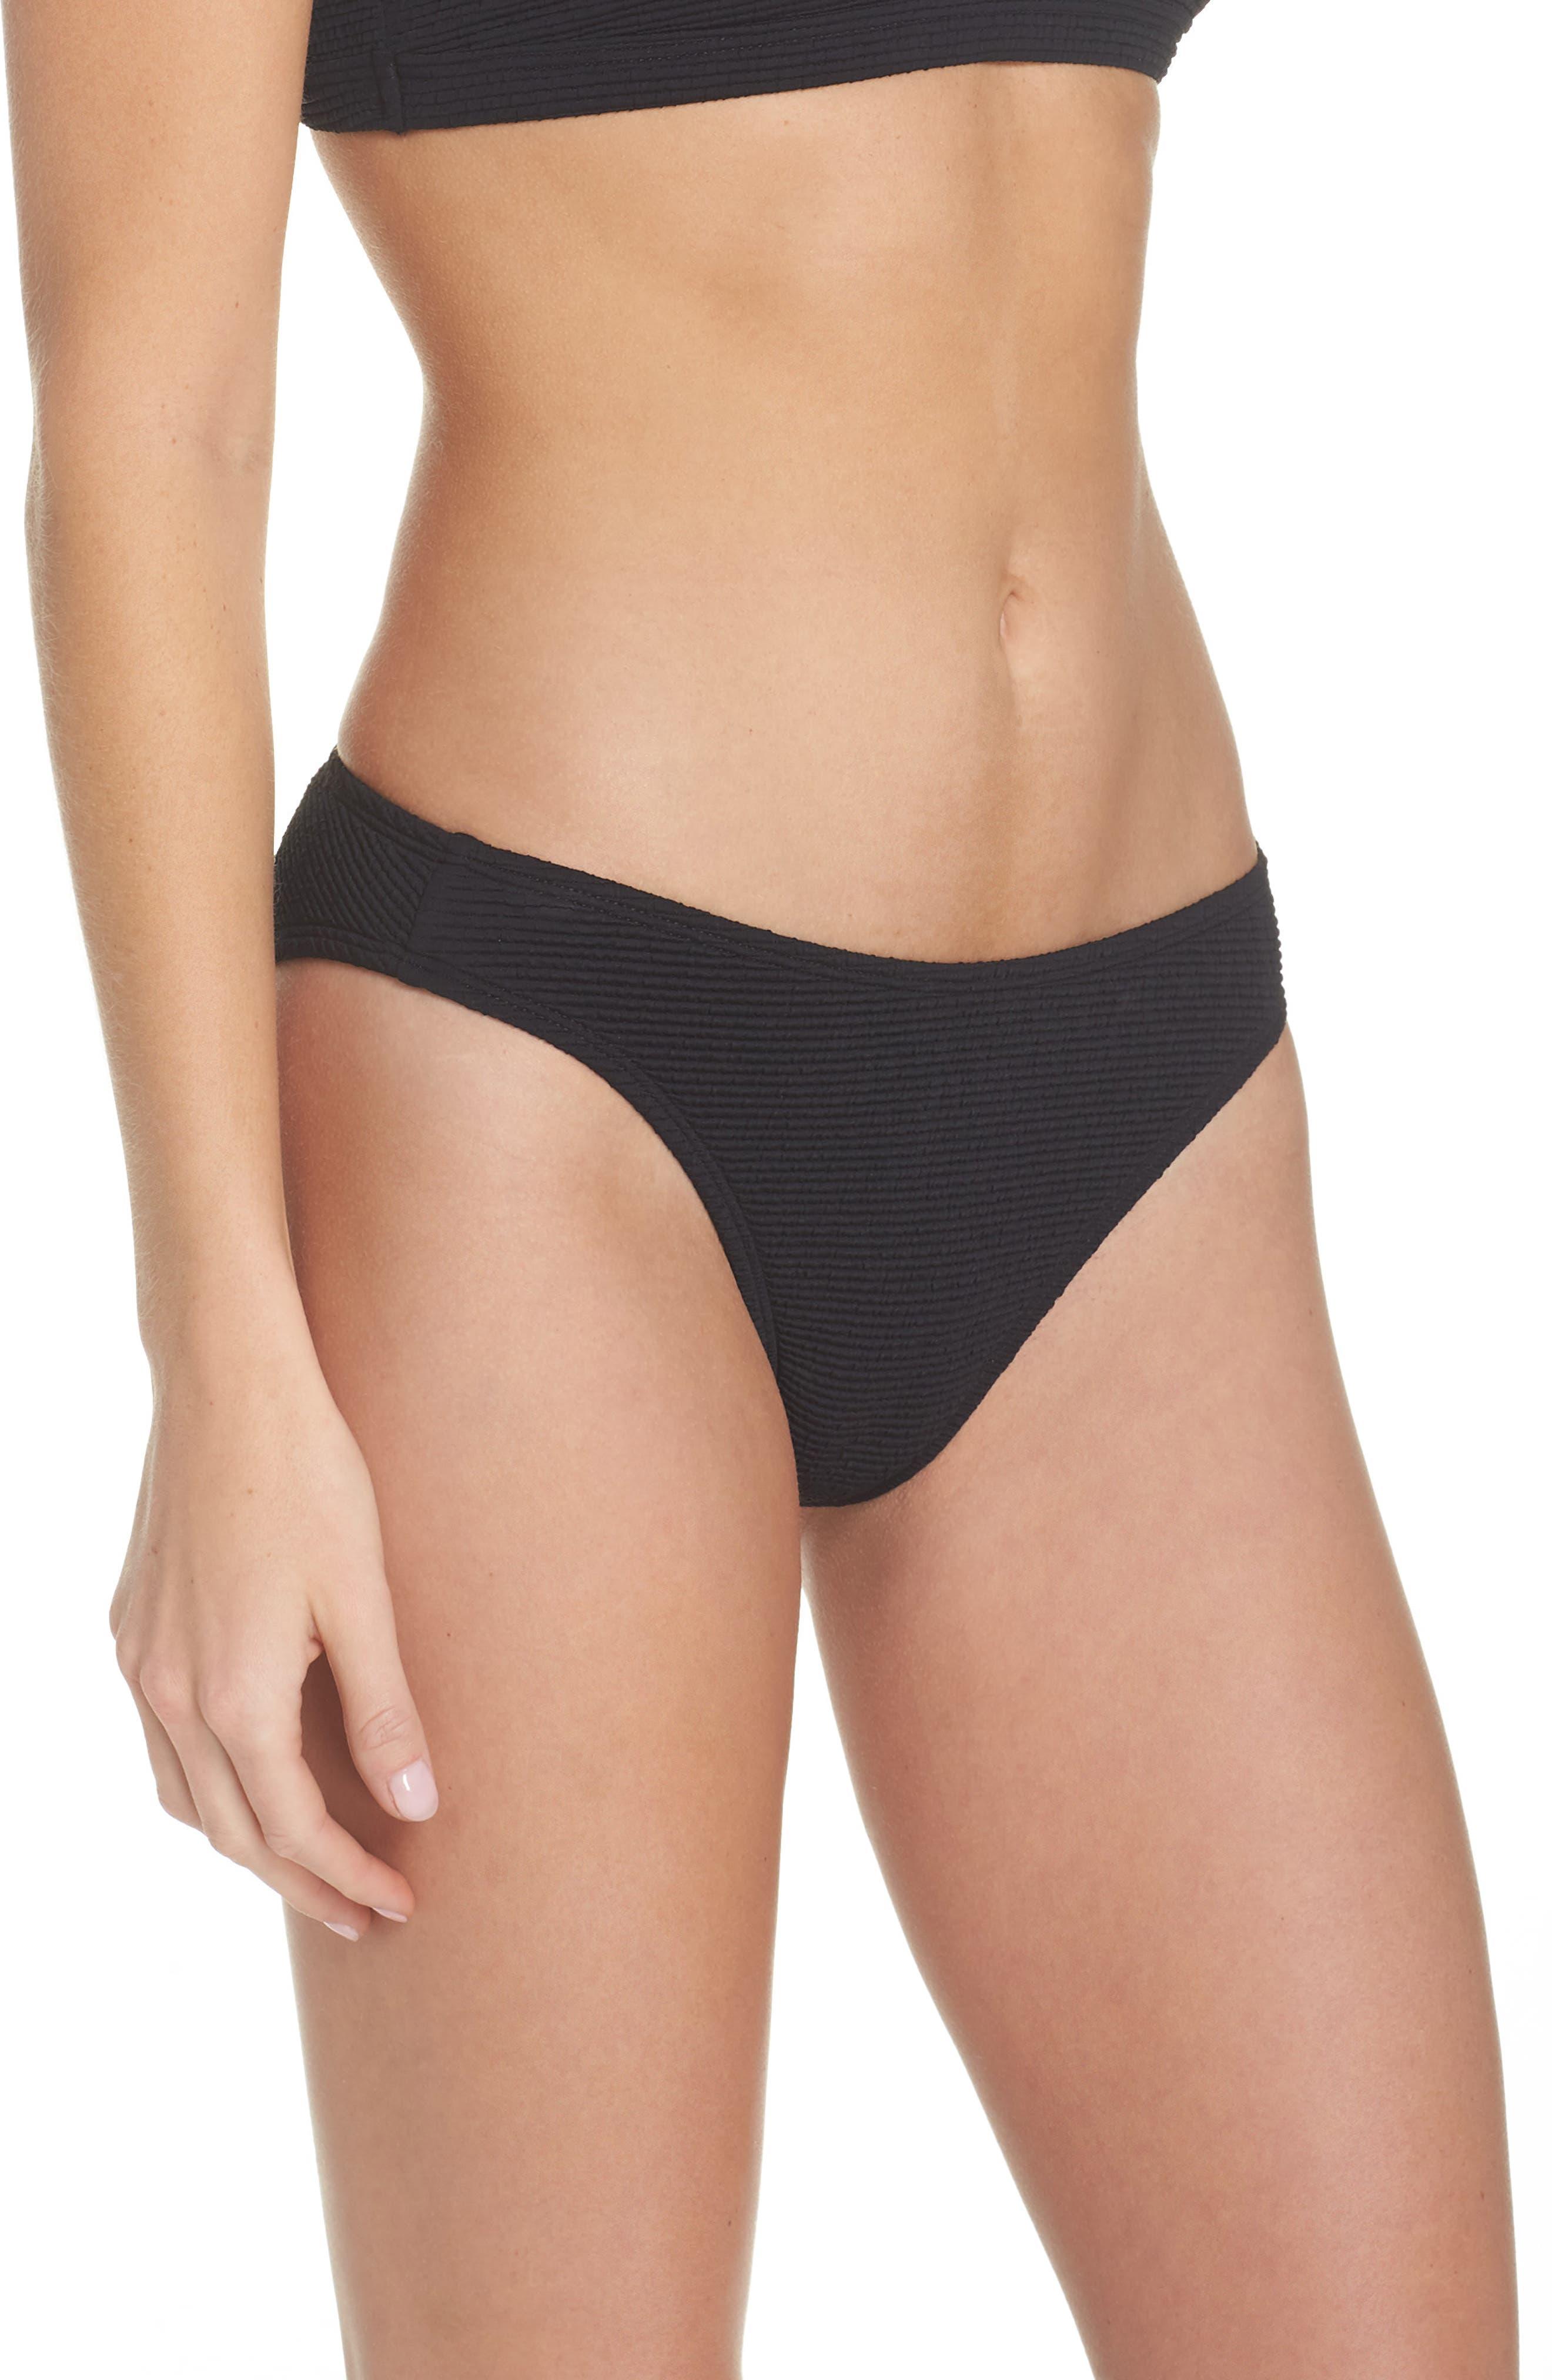 Malibu High Leg Bikini Bottoms,                             Alternate thumbnail 3, color,                             BLACK